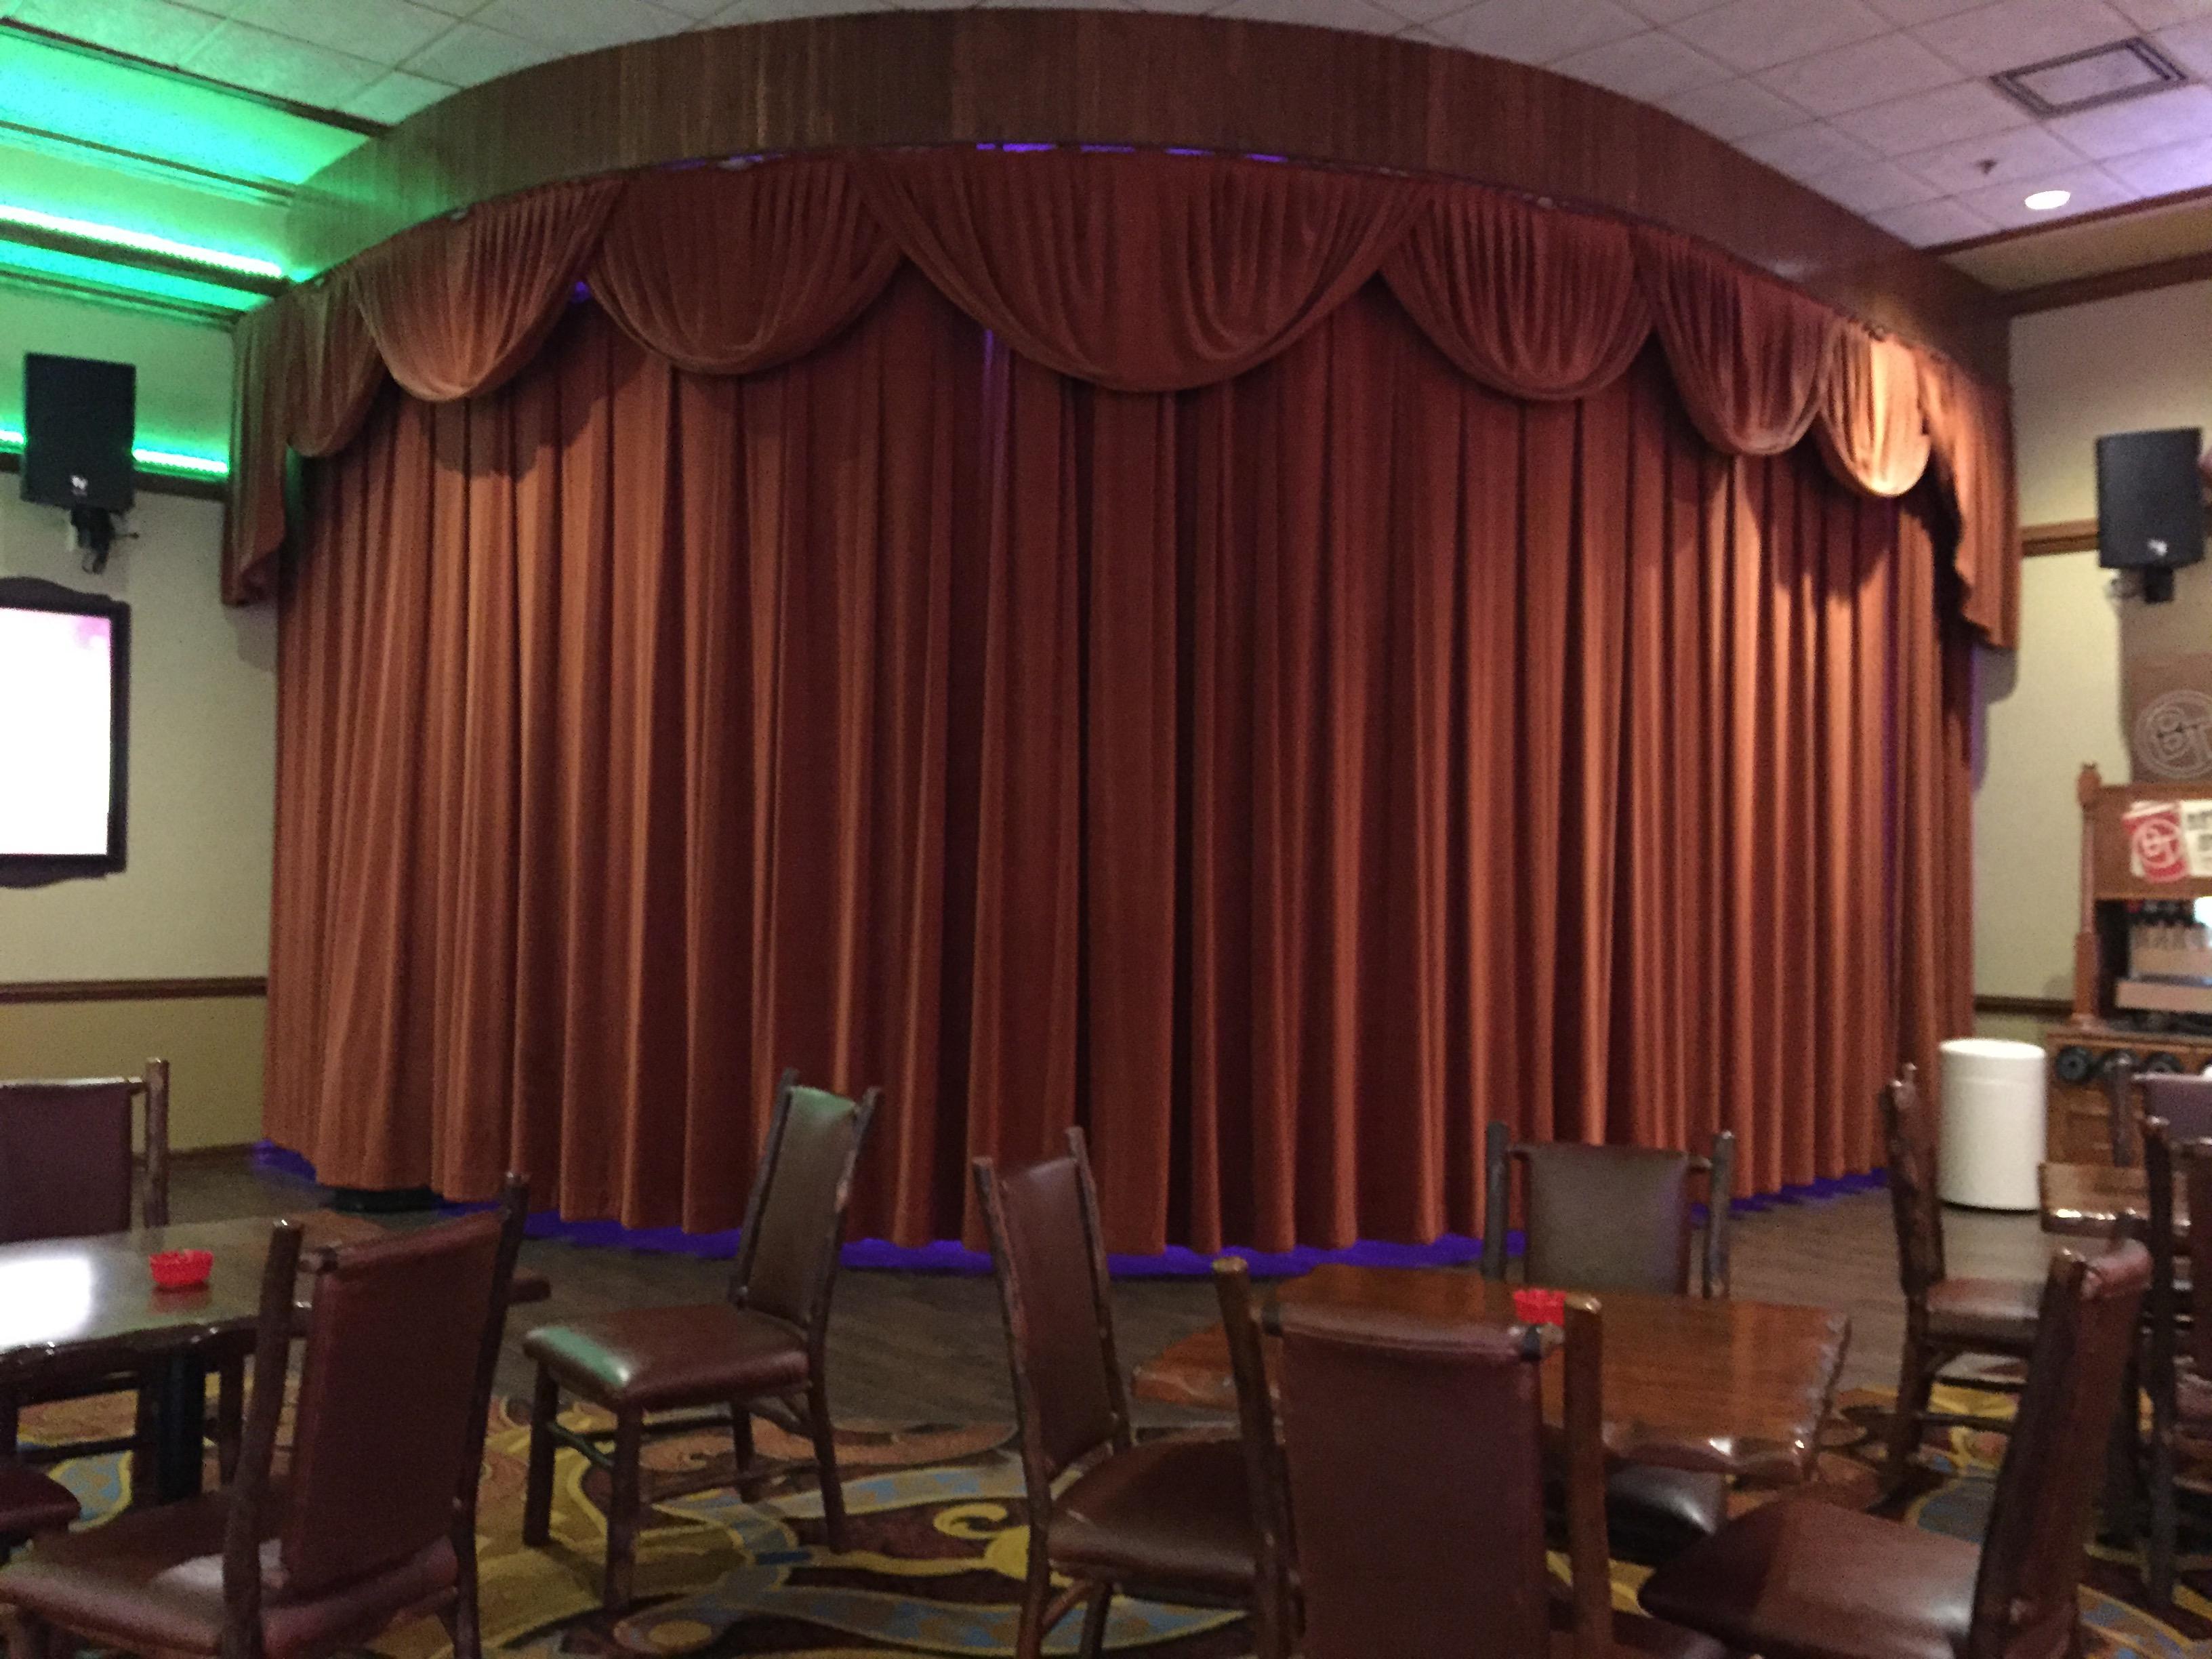 Boomtown Casino Biloxi image 8